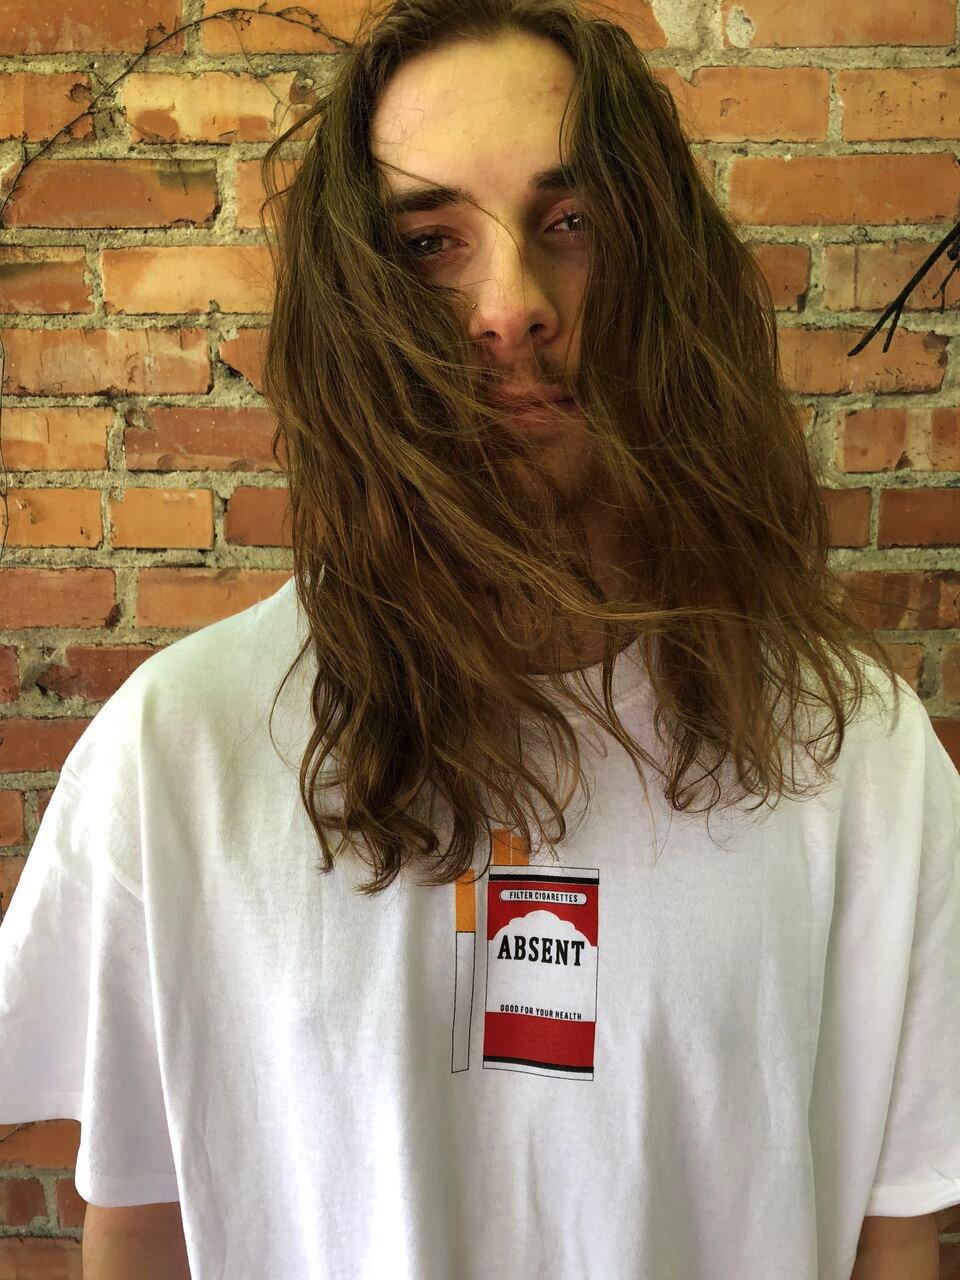 cig shirt.jpg